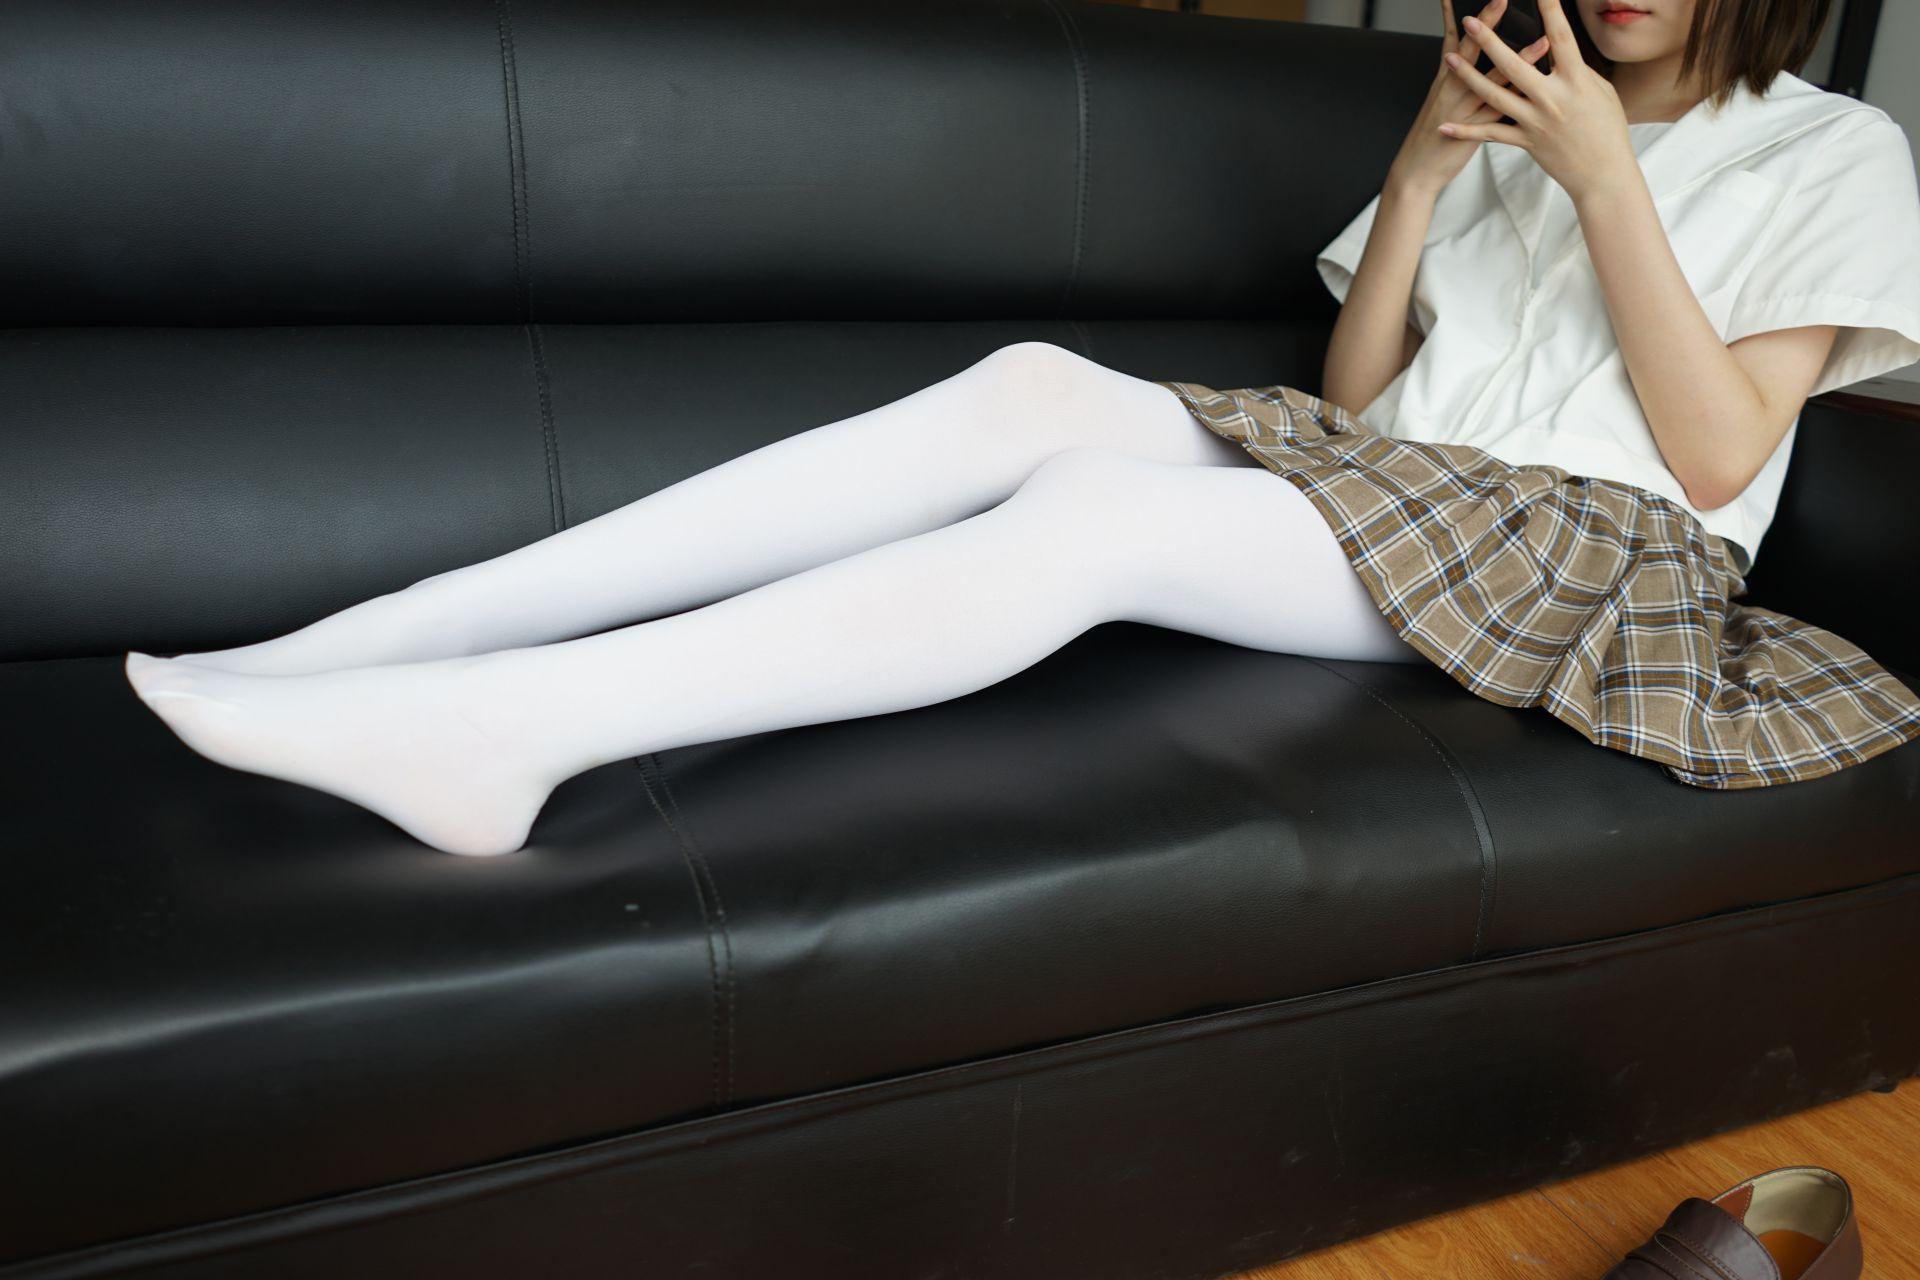 【森萝财团】森萝财团写真 - BETA-021 白丝格子裙 [212P-0.98GB] BETA系列 第3张